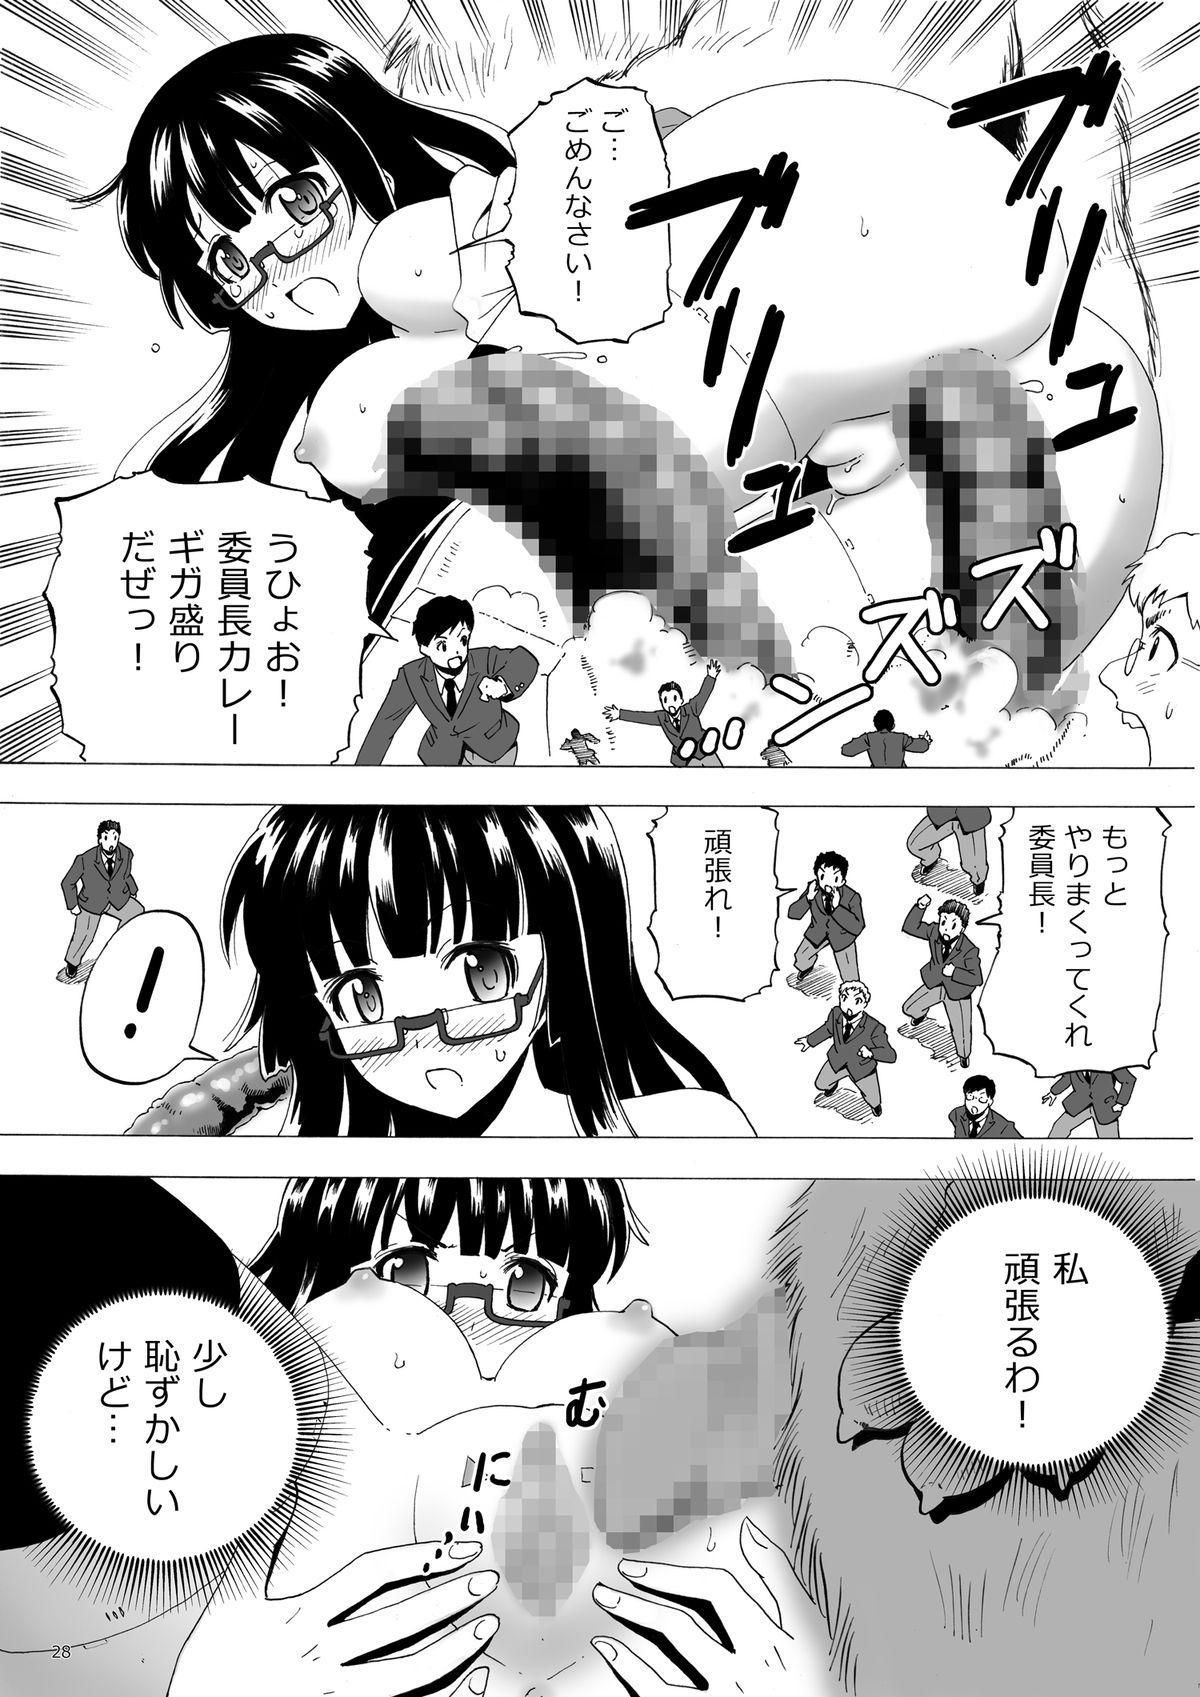 Kidoubenki Sayoko 27